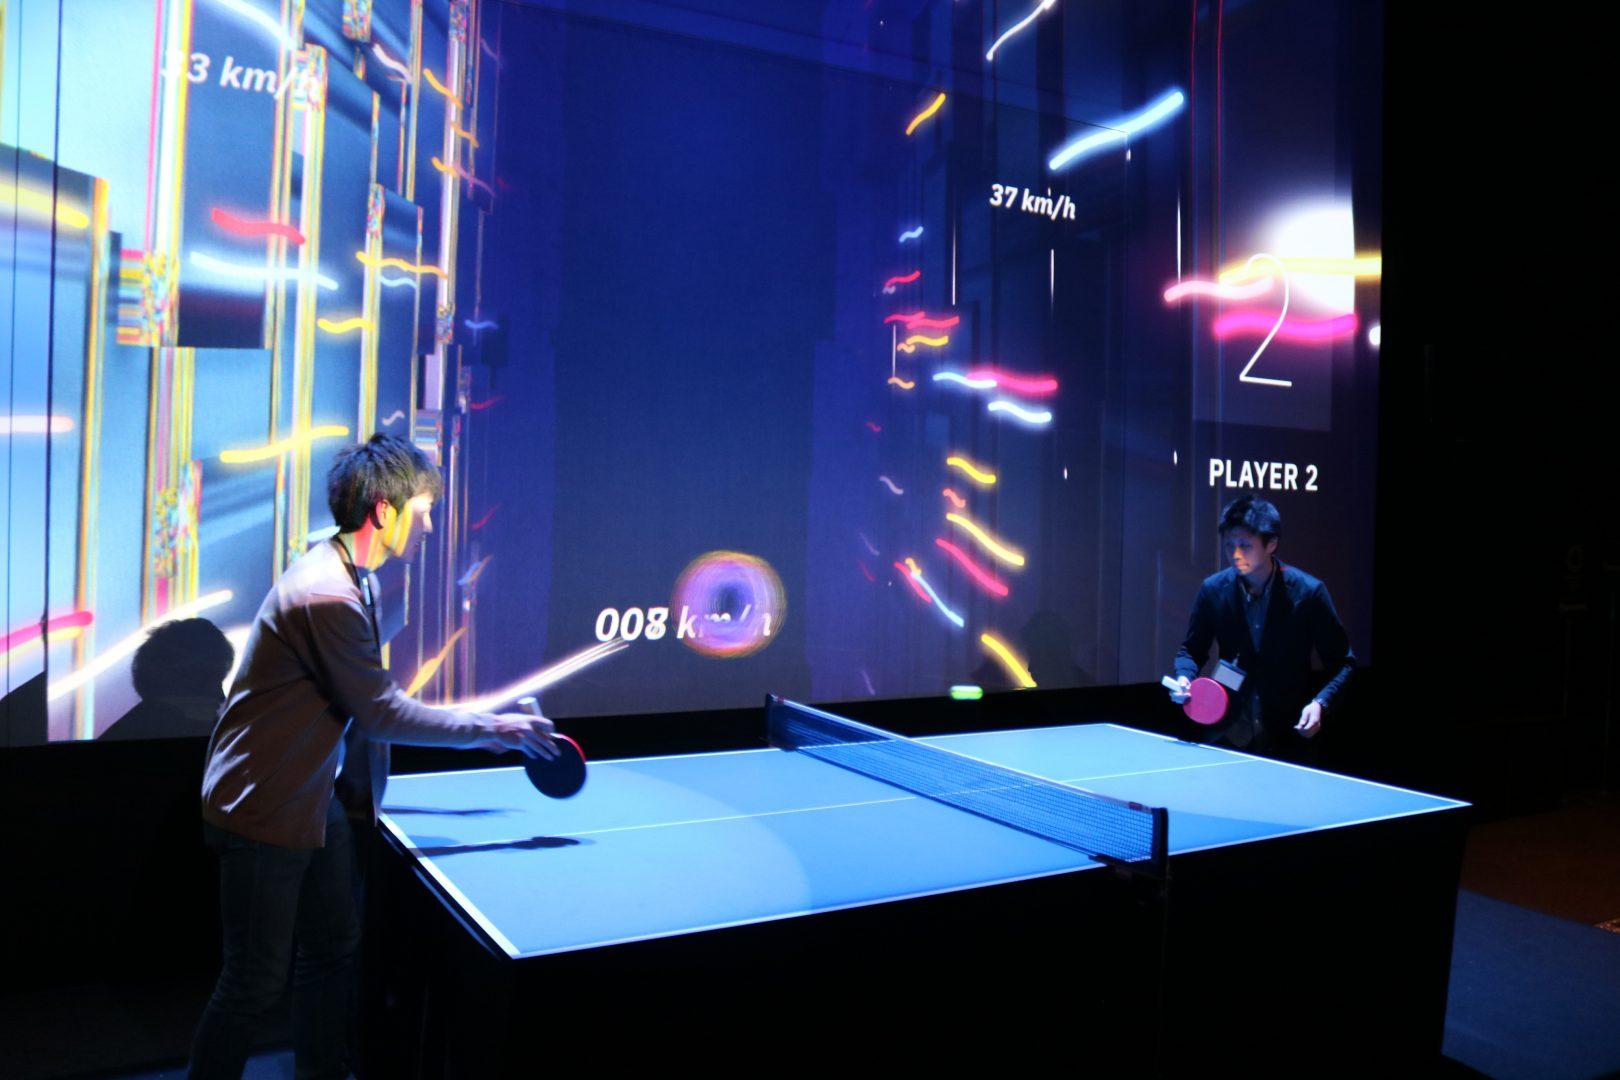 【22日~24日】有明パナソニックセンターで「光る卓球」を体験しよう【2020オリンピック500日前】